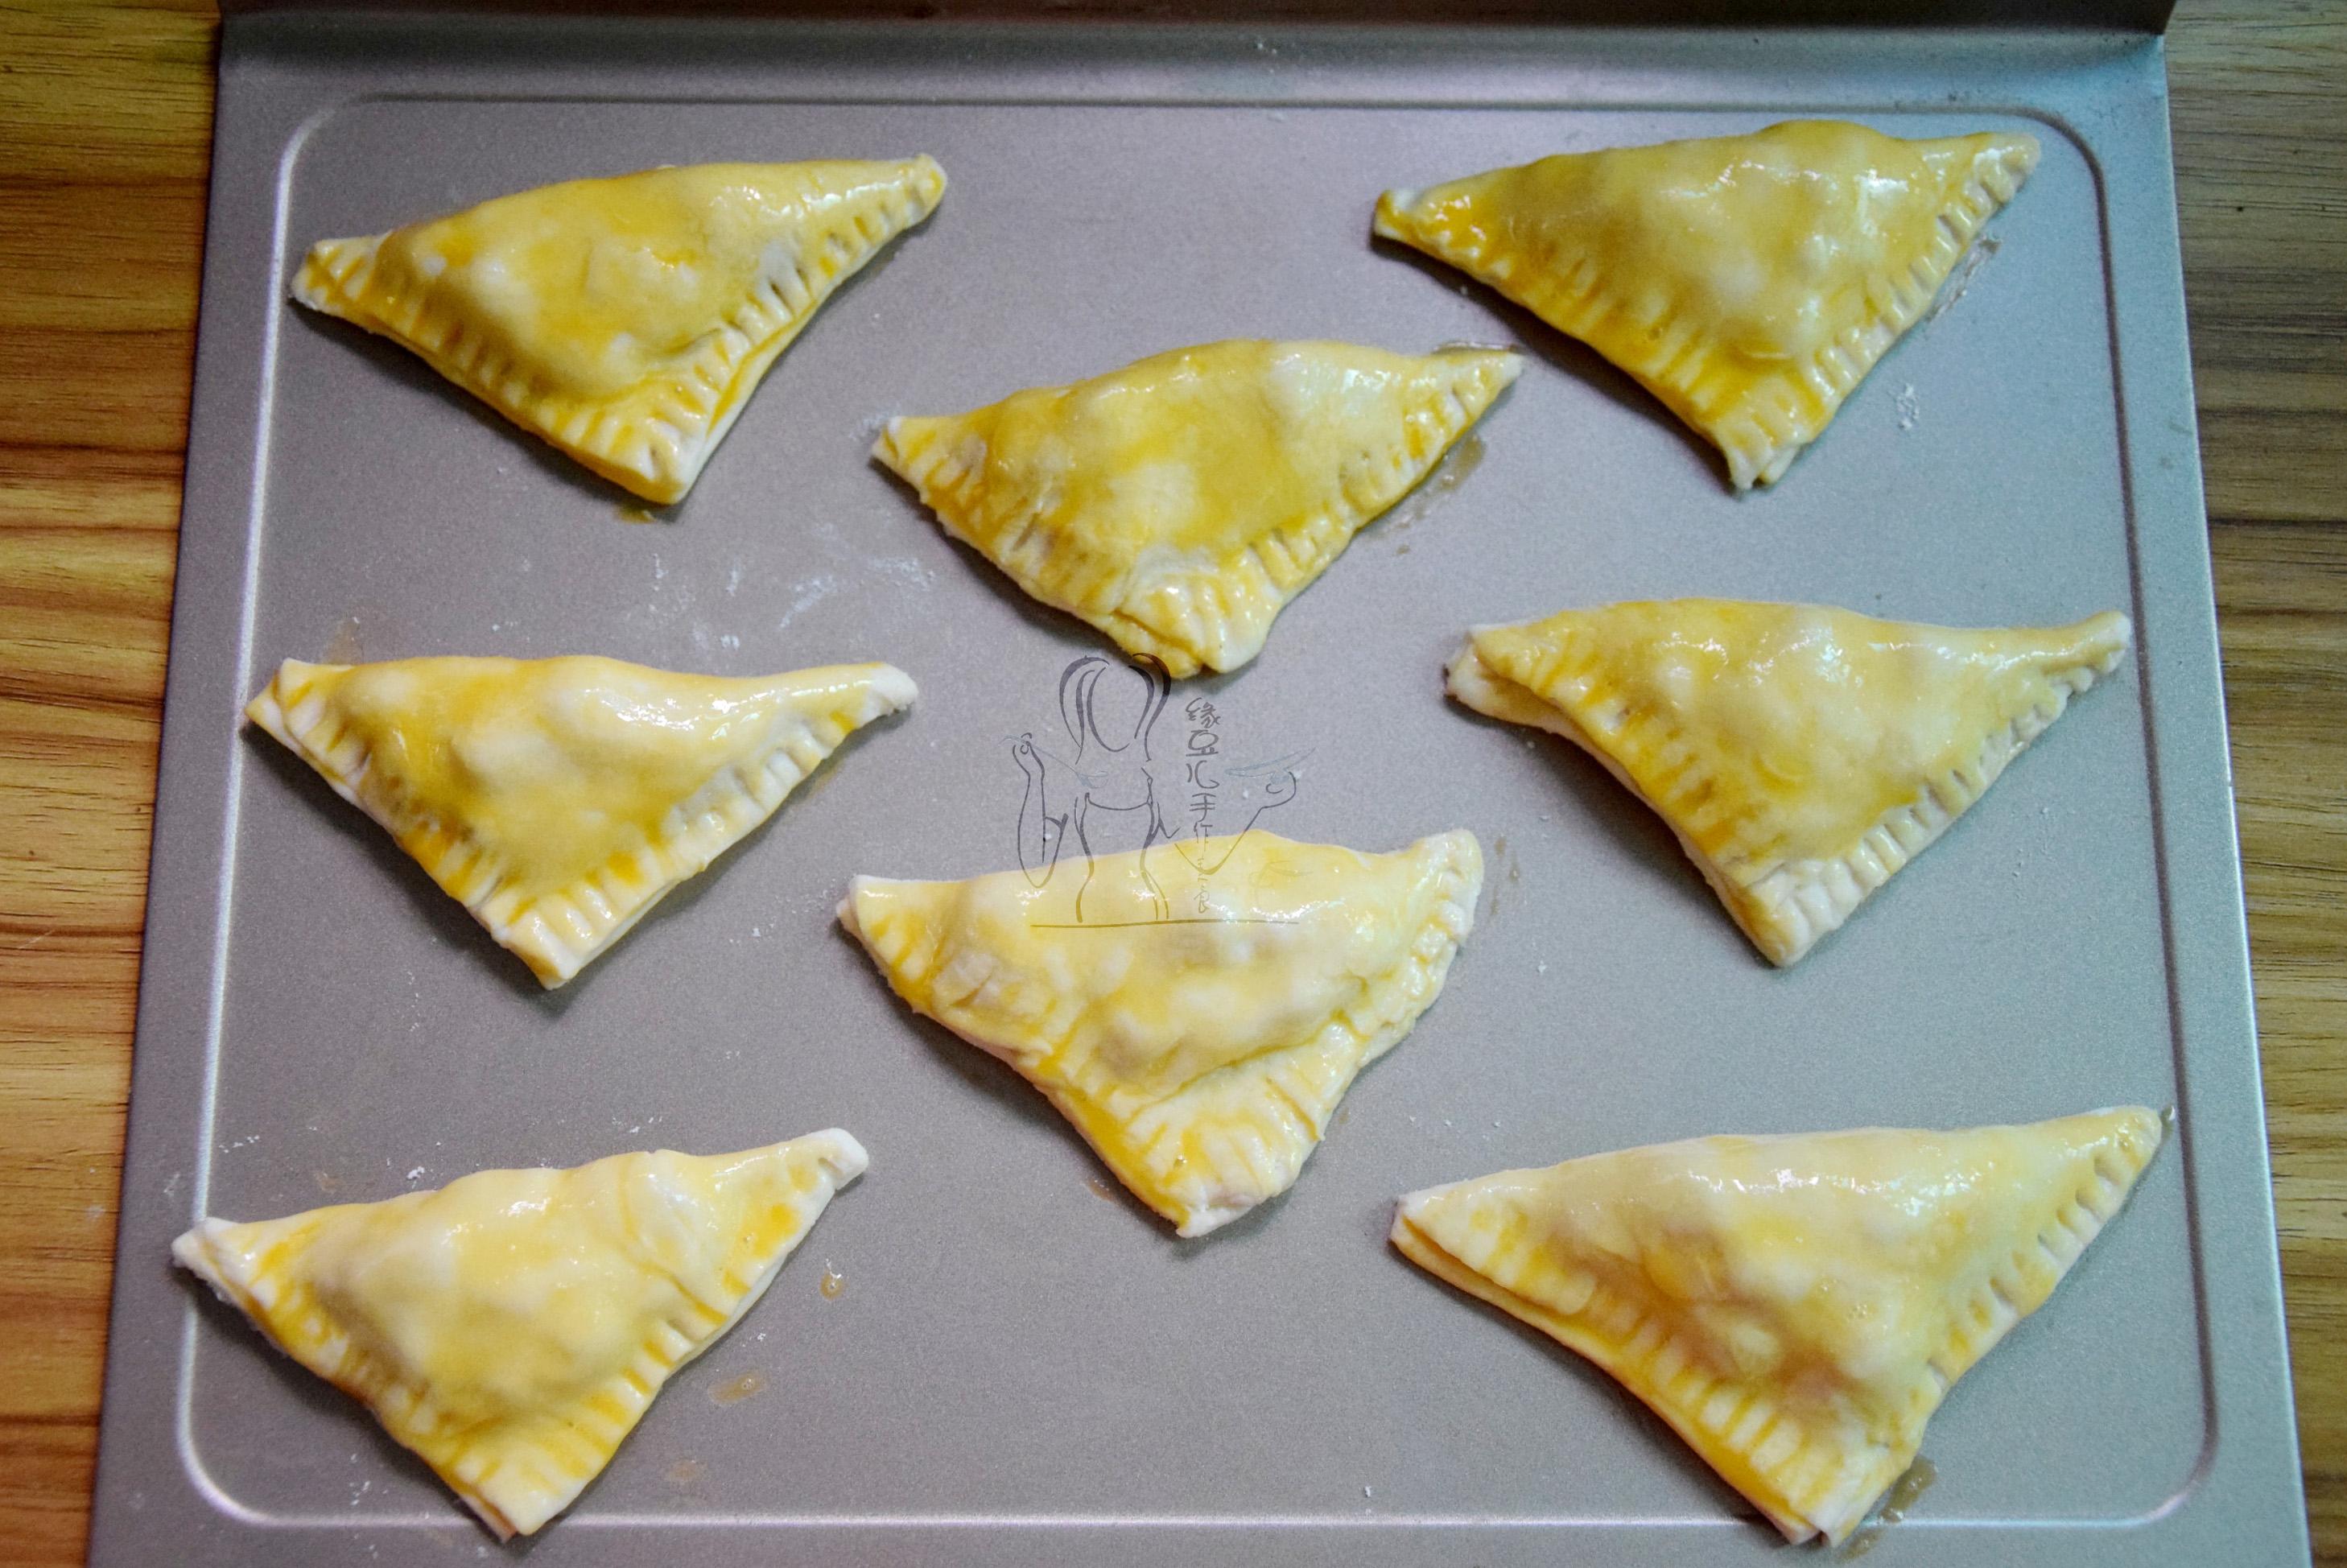 香蕉酥派#蒸派or烤派#的做法图解9